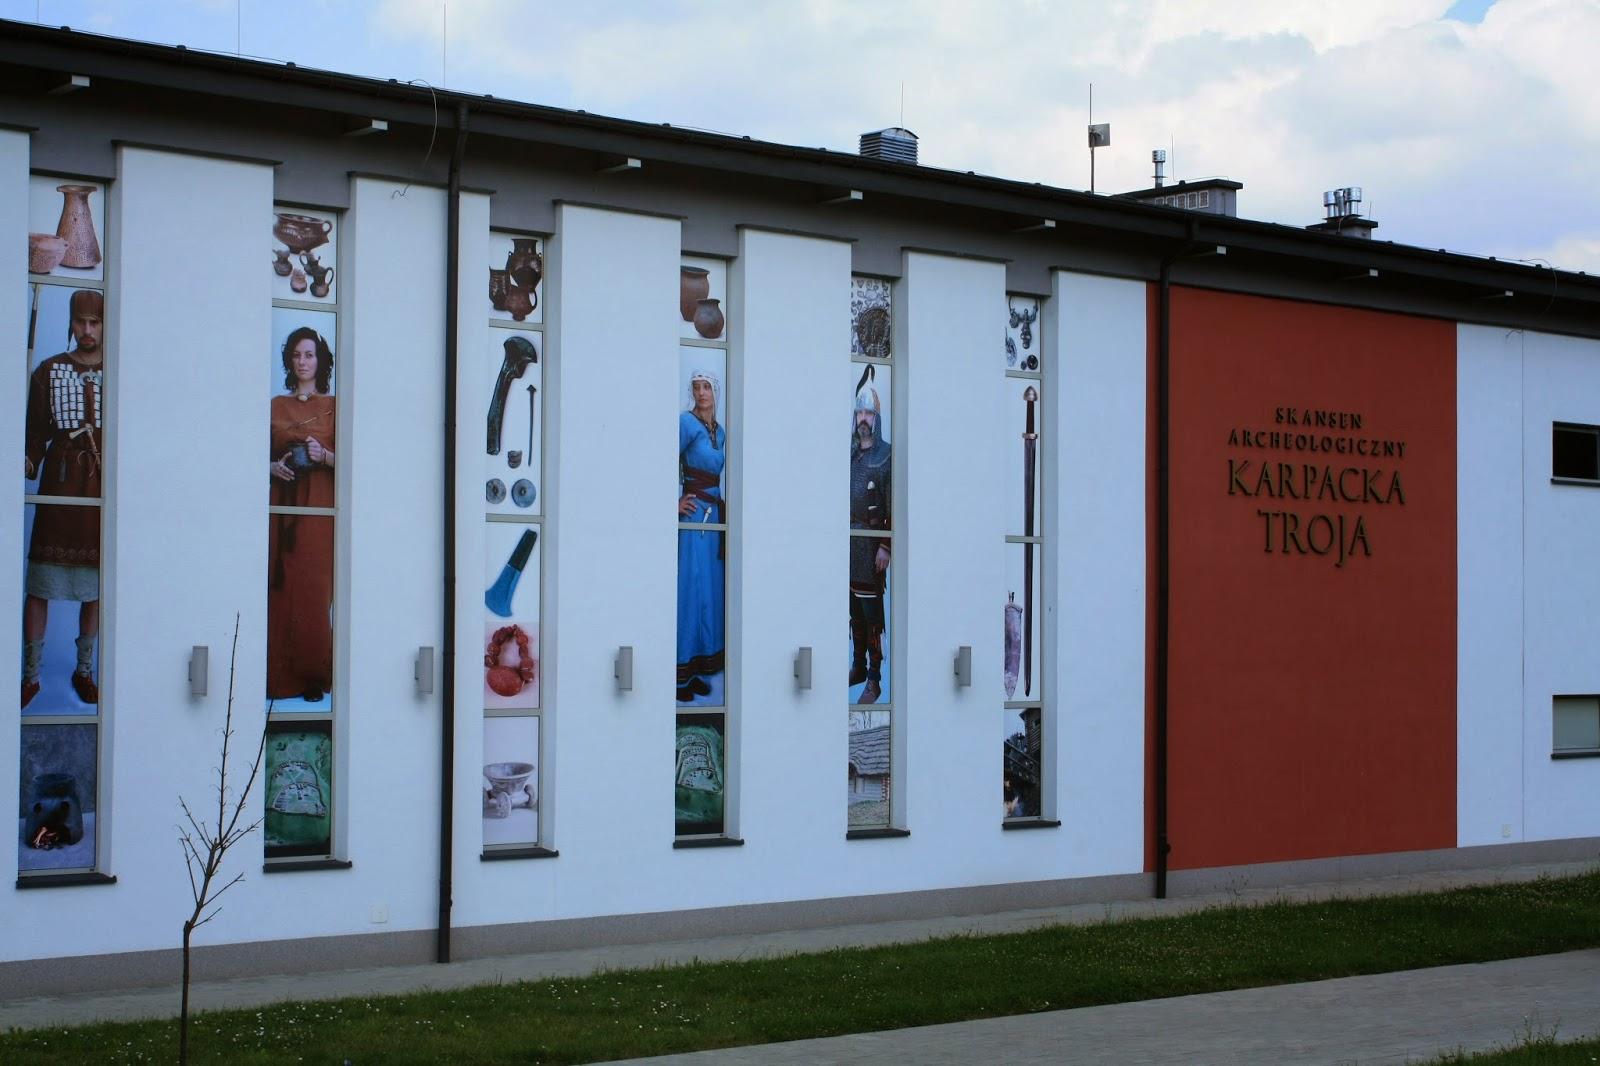 http://www.karpackatroja.pl/